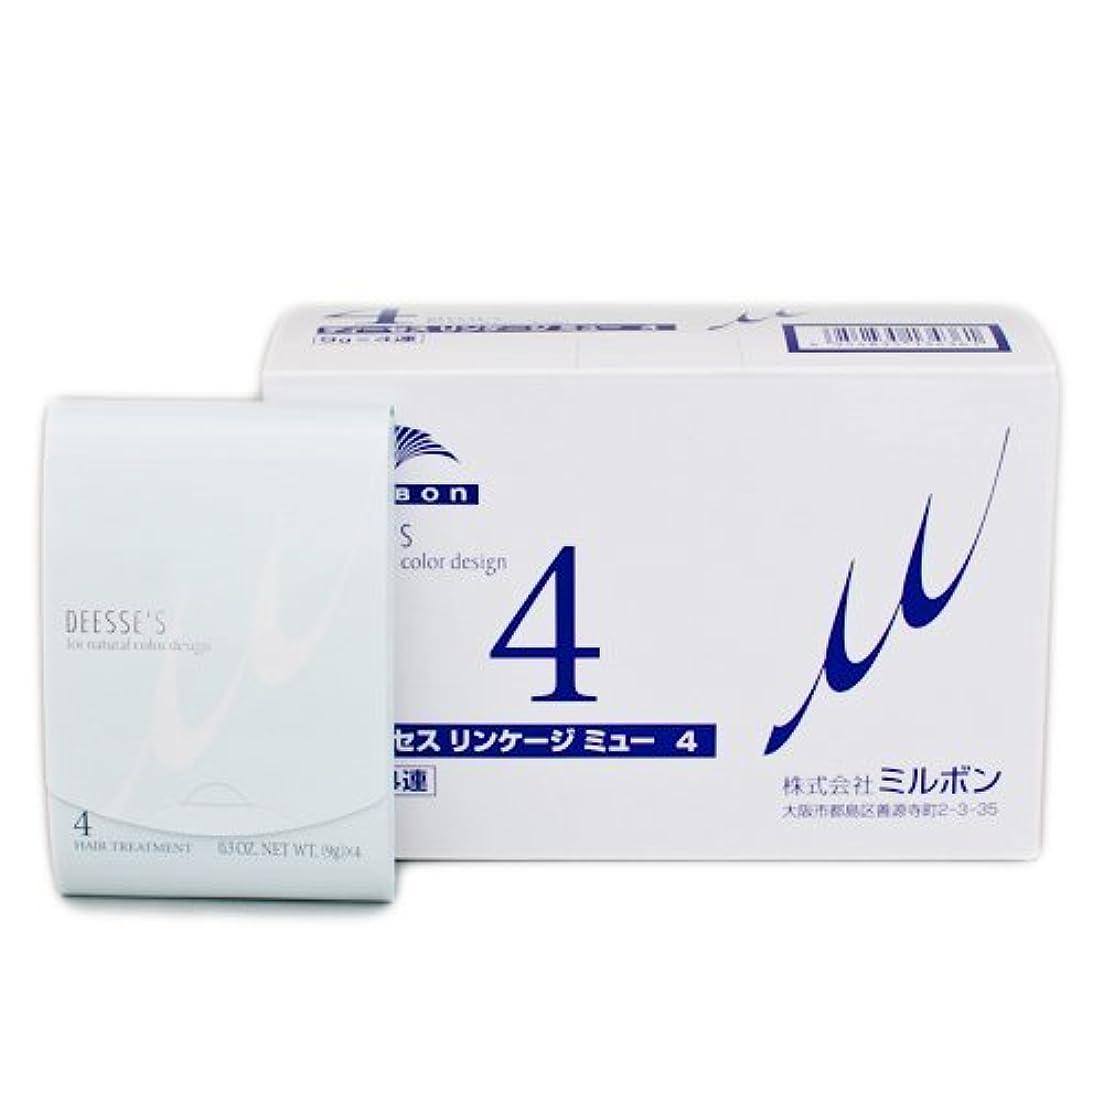 容器話す植木ミルボン ディーセス リンケージ ミュー 4 業務用9g×4連×10入